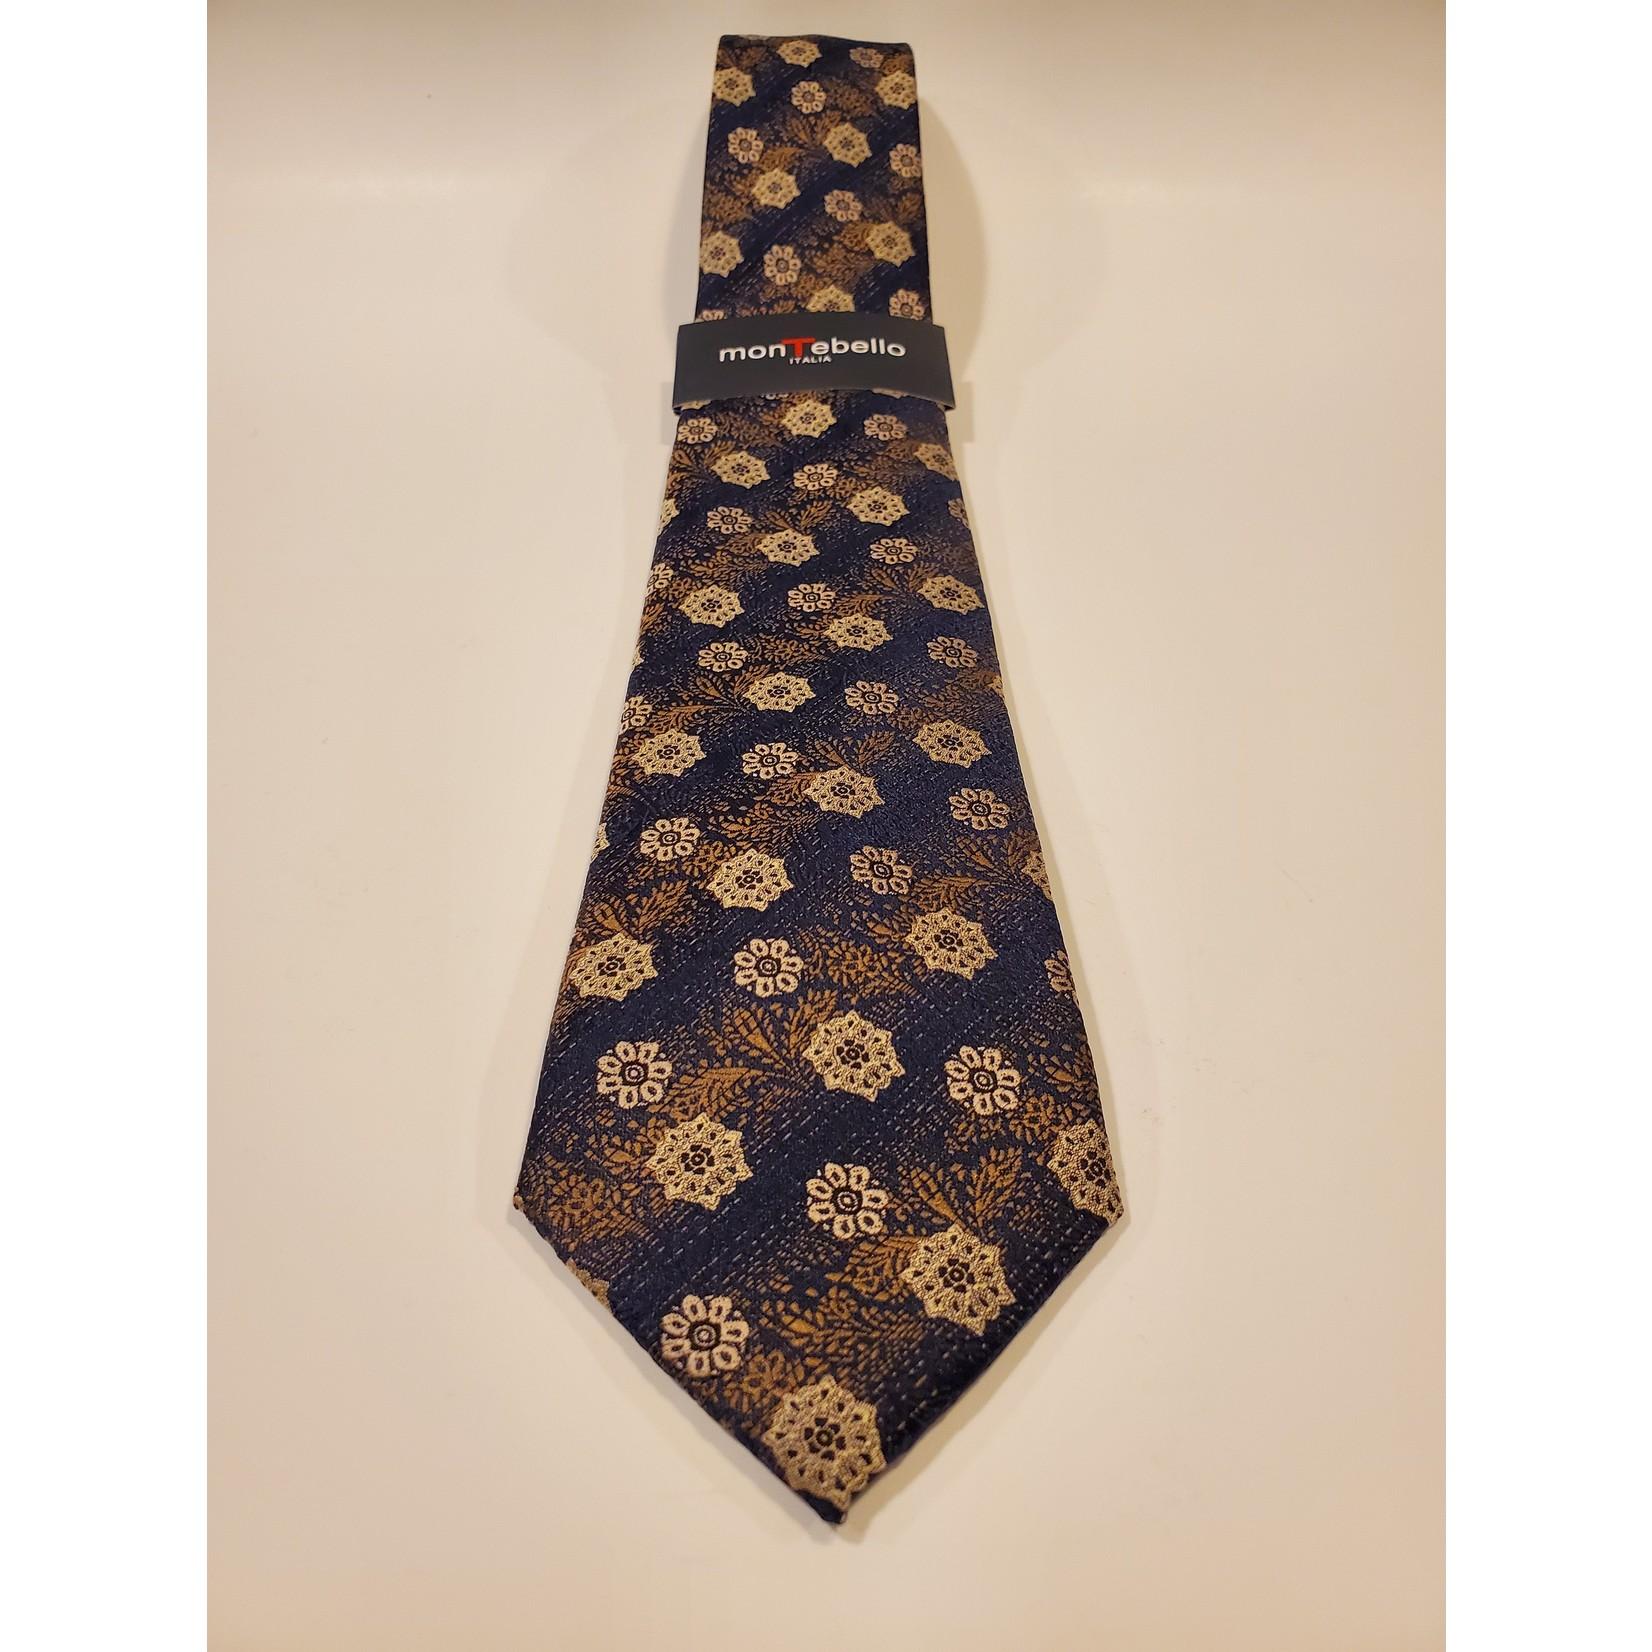 Montebello 1602 Jacquard Silk Tie - Beige Floral Pattern